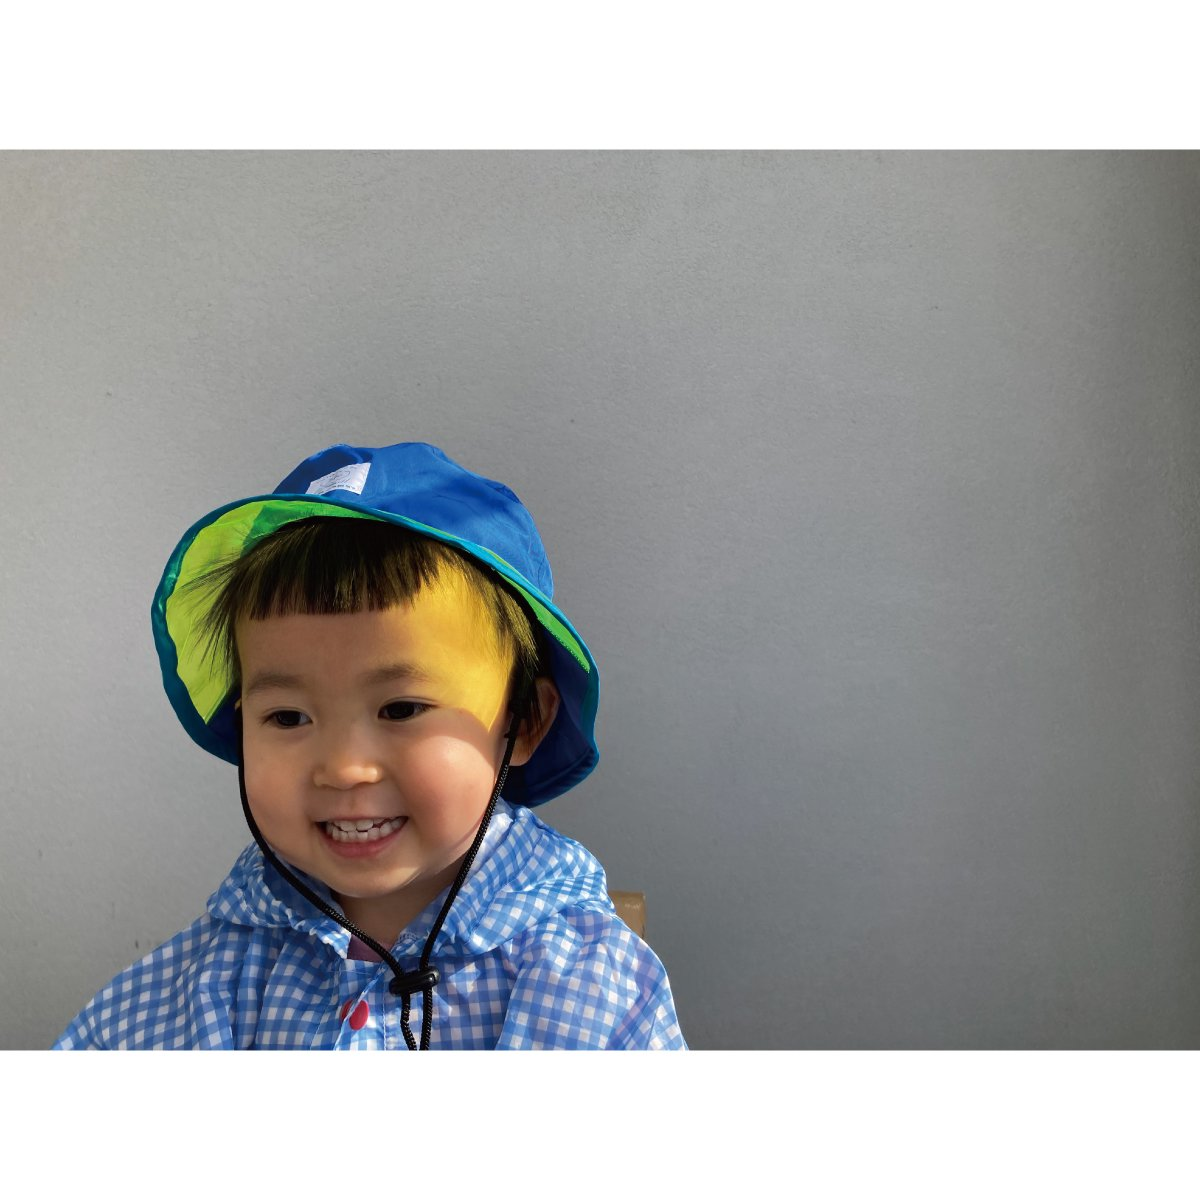 【KIDS】Rain PVC Hat 詳細画像24